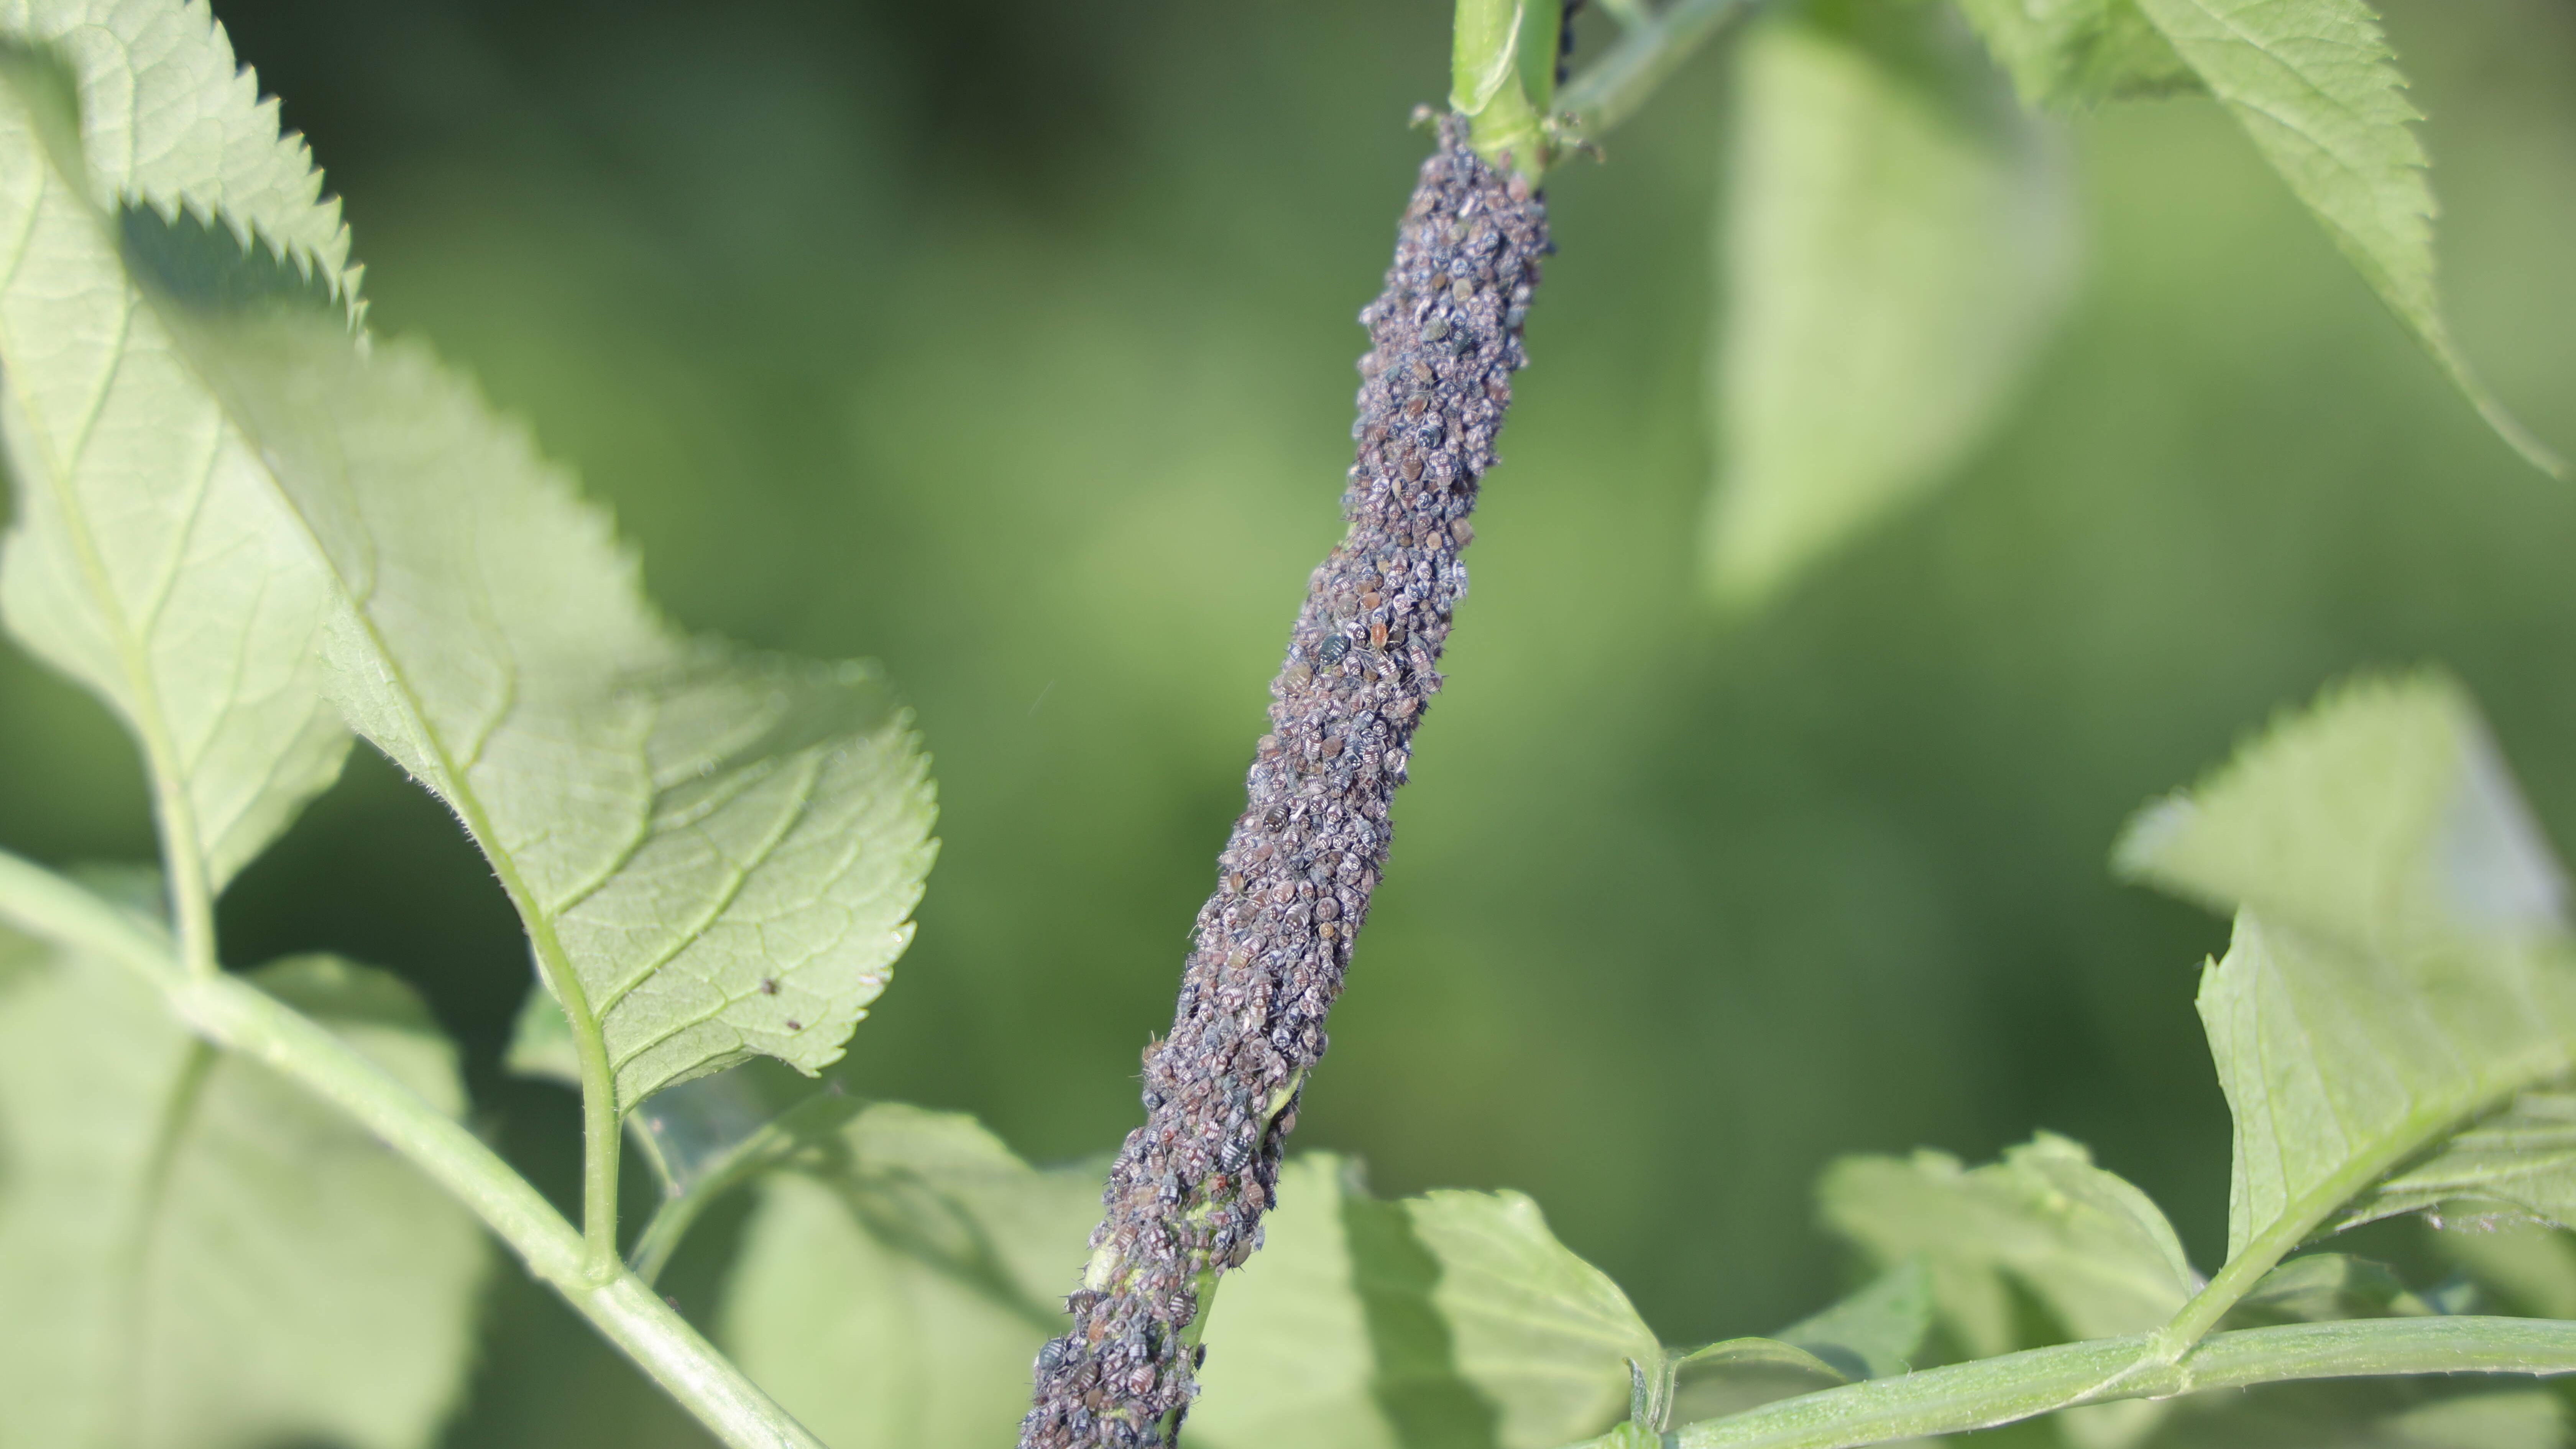 Blattläuse bekämpfen: So klappt's mit dem Hausmittel Essig